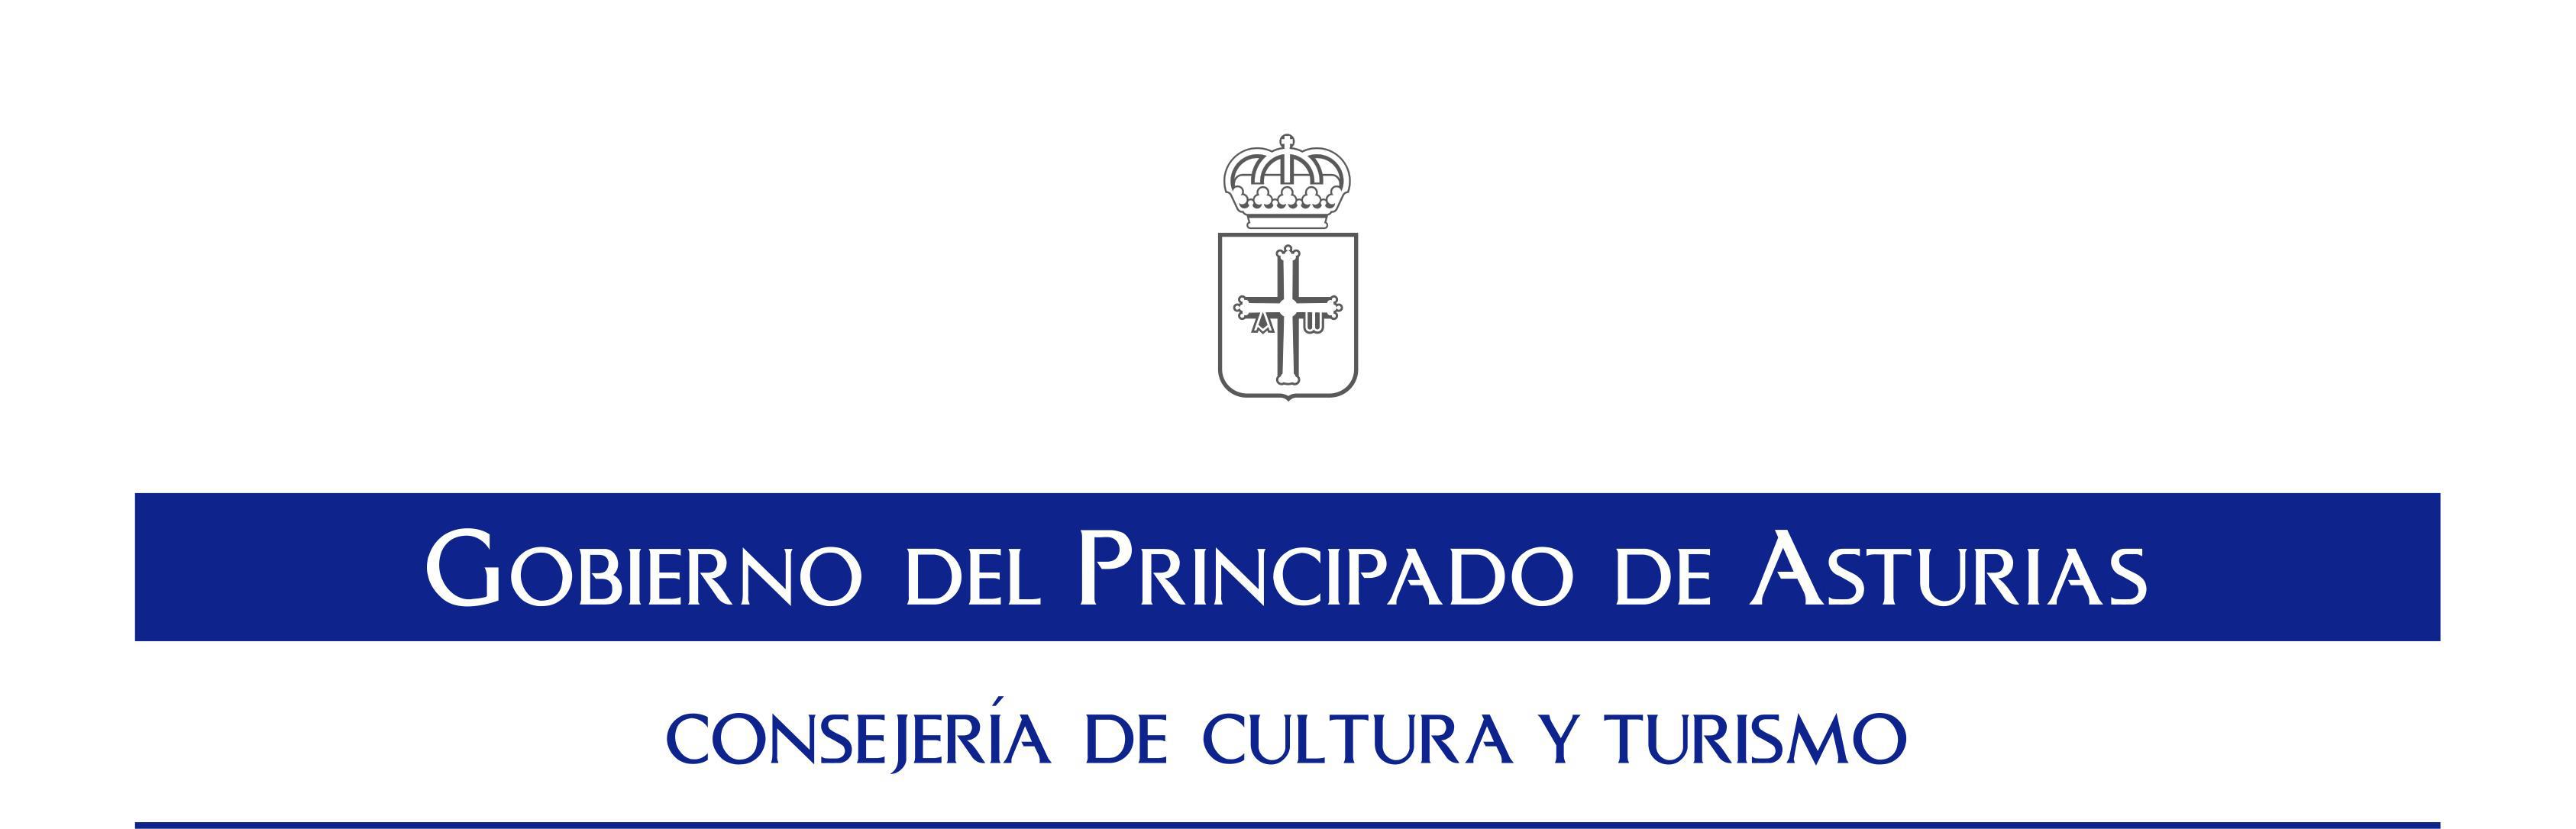 Consejería Cultura y Turismo